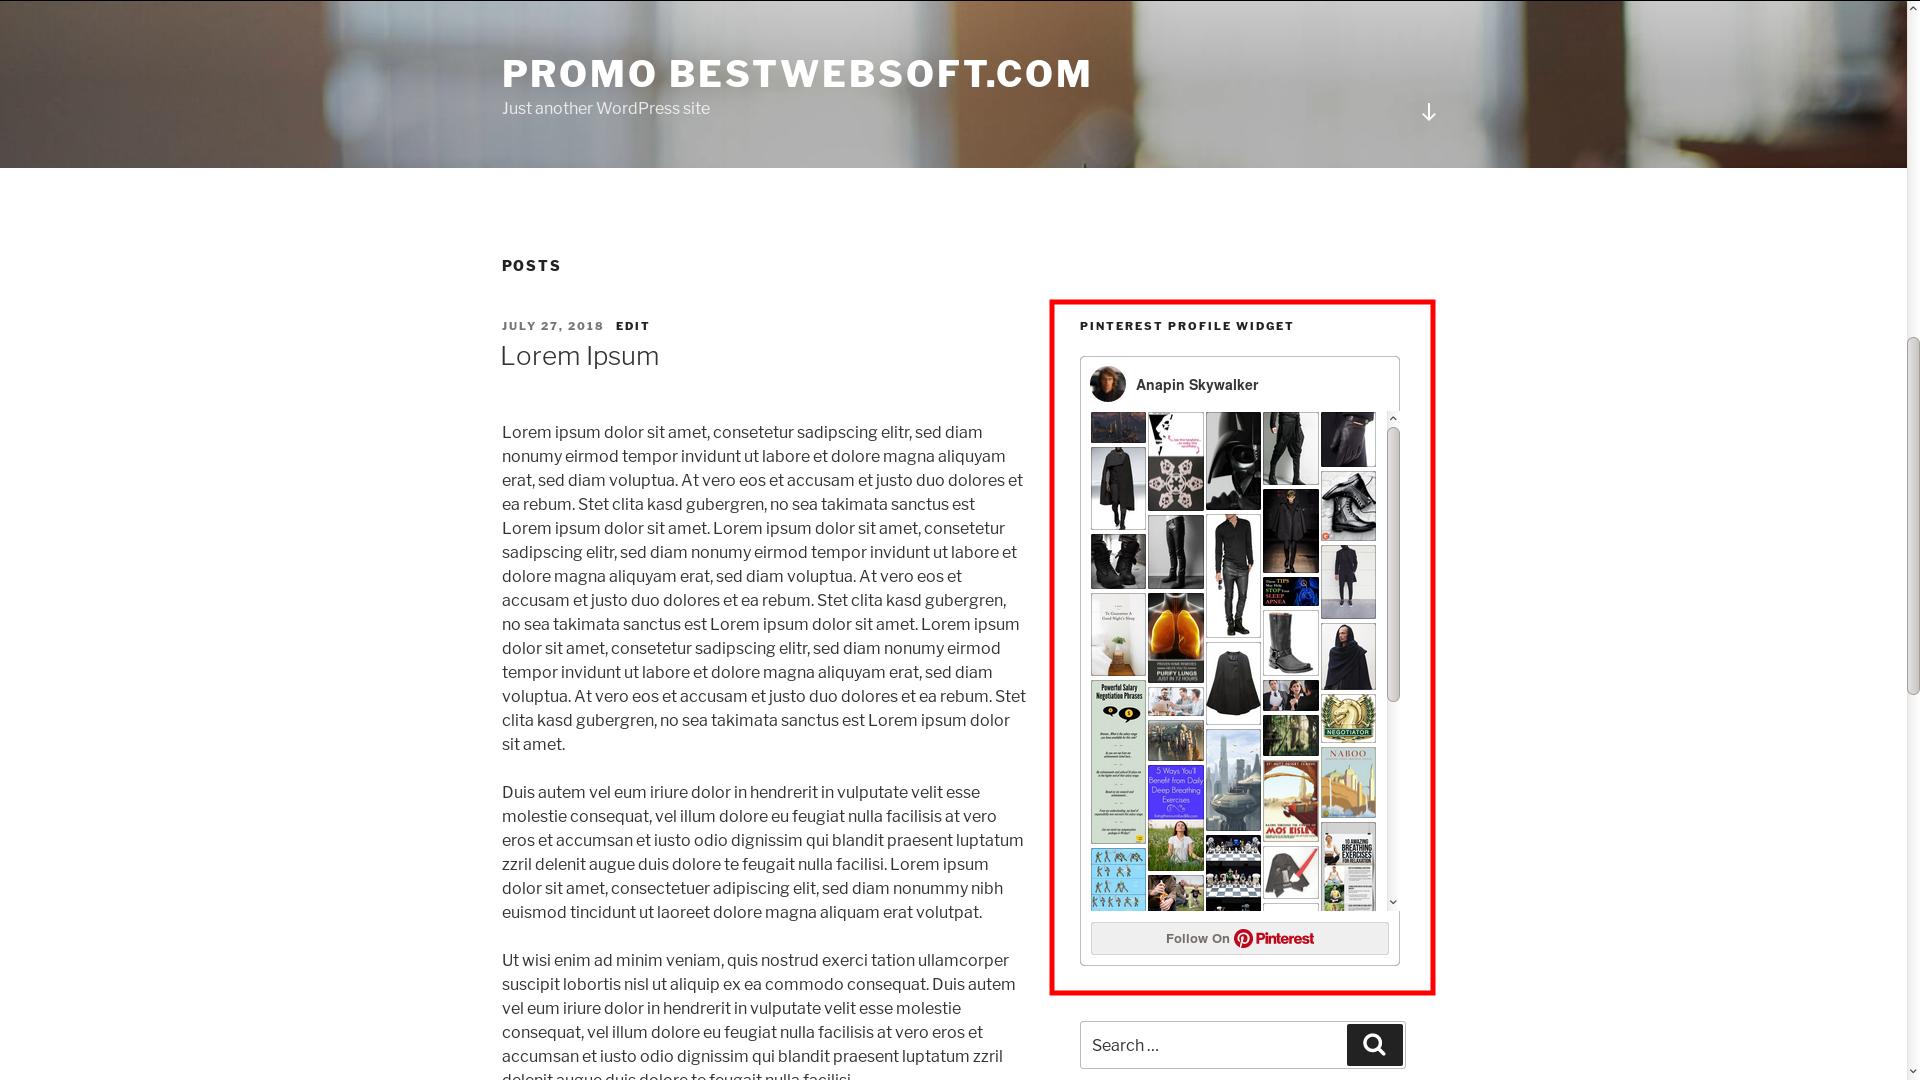 Displaying Pinterest Profile widget.